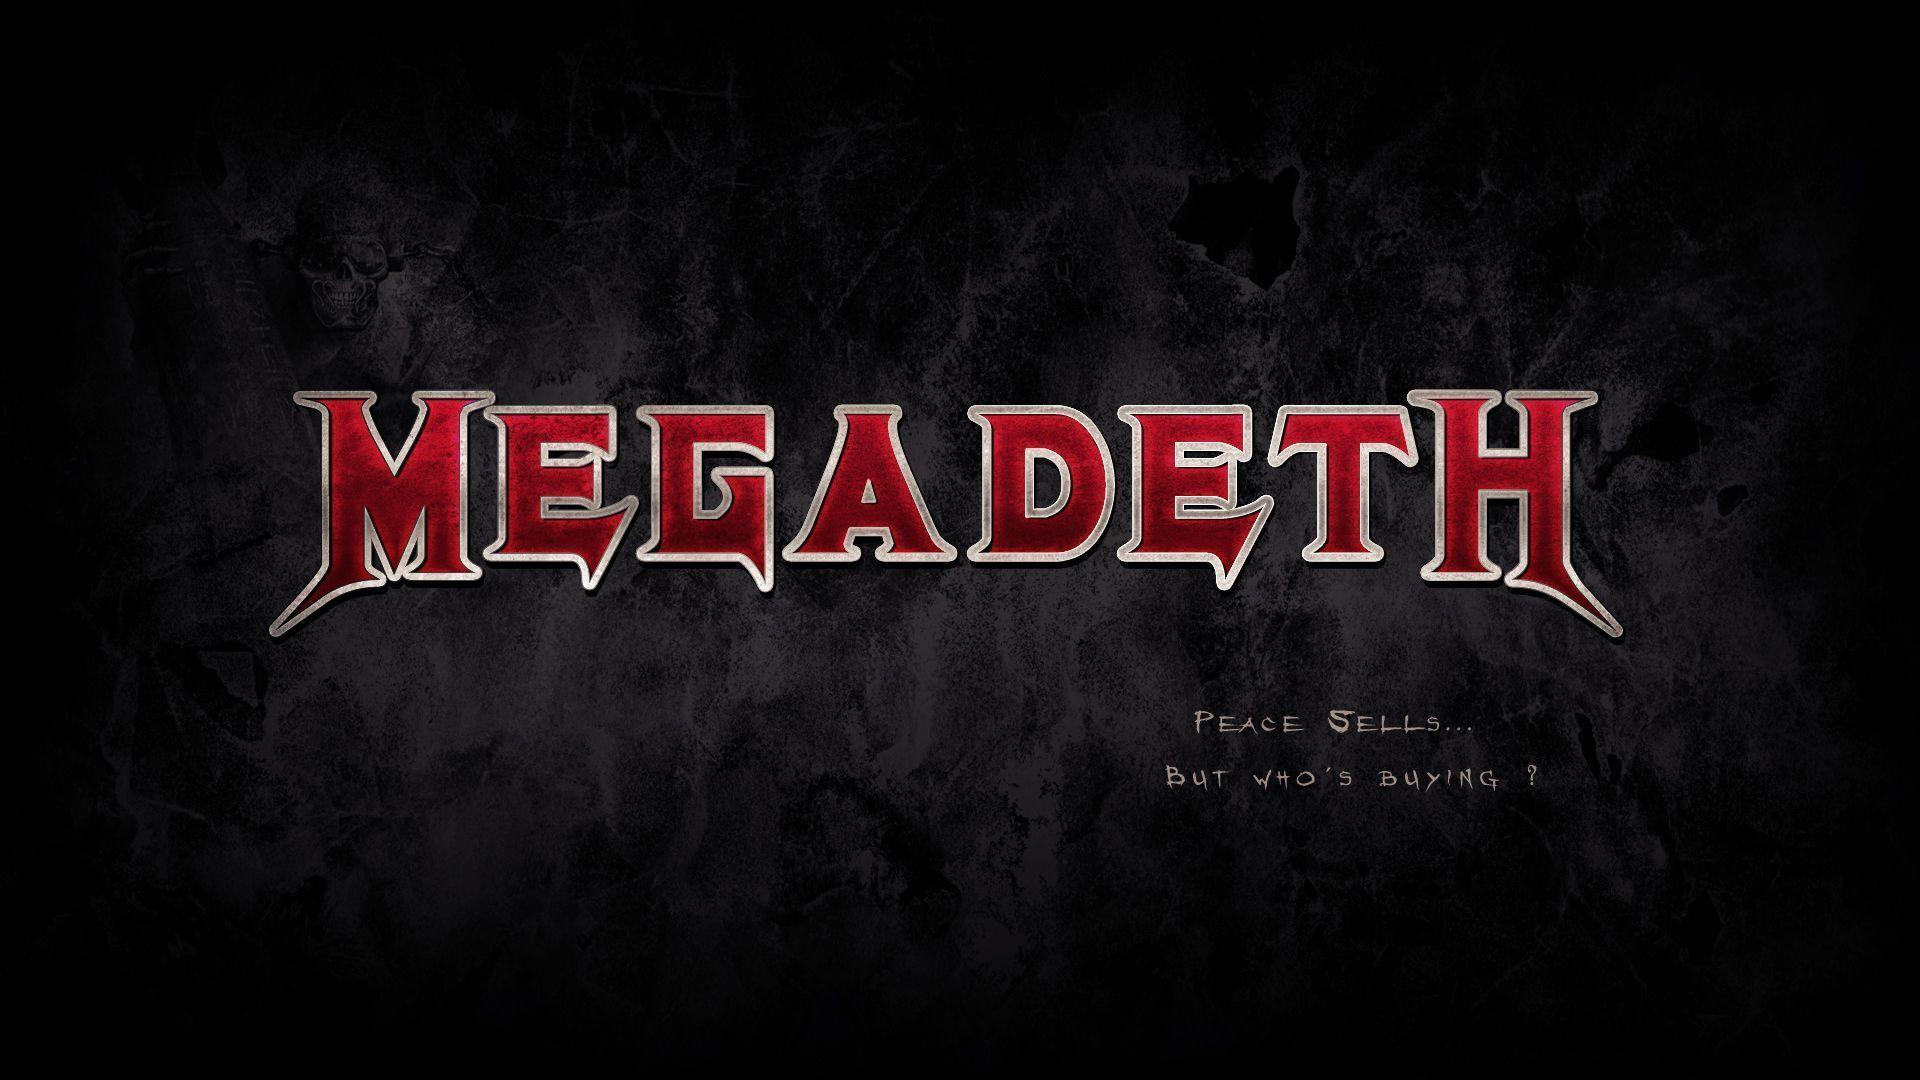 Megadeth Wallpapers Wallpaper Cave